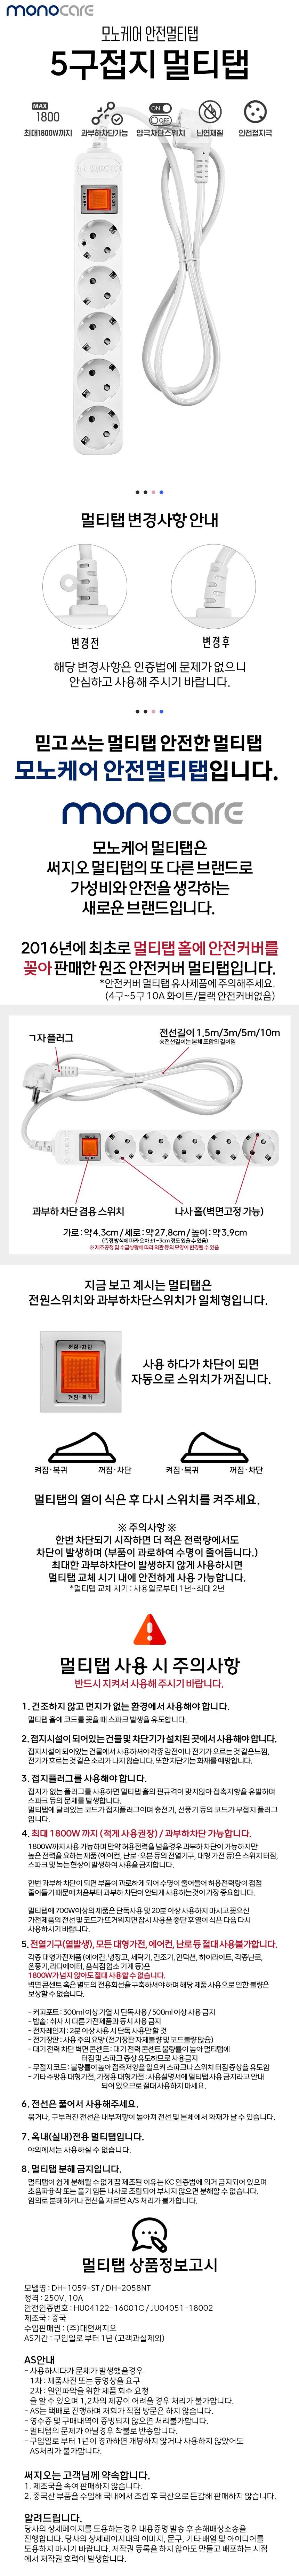 대현써지오 대현써지오 모노케어 5구 10A 메인 스위치 멀티탭 (10m)